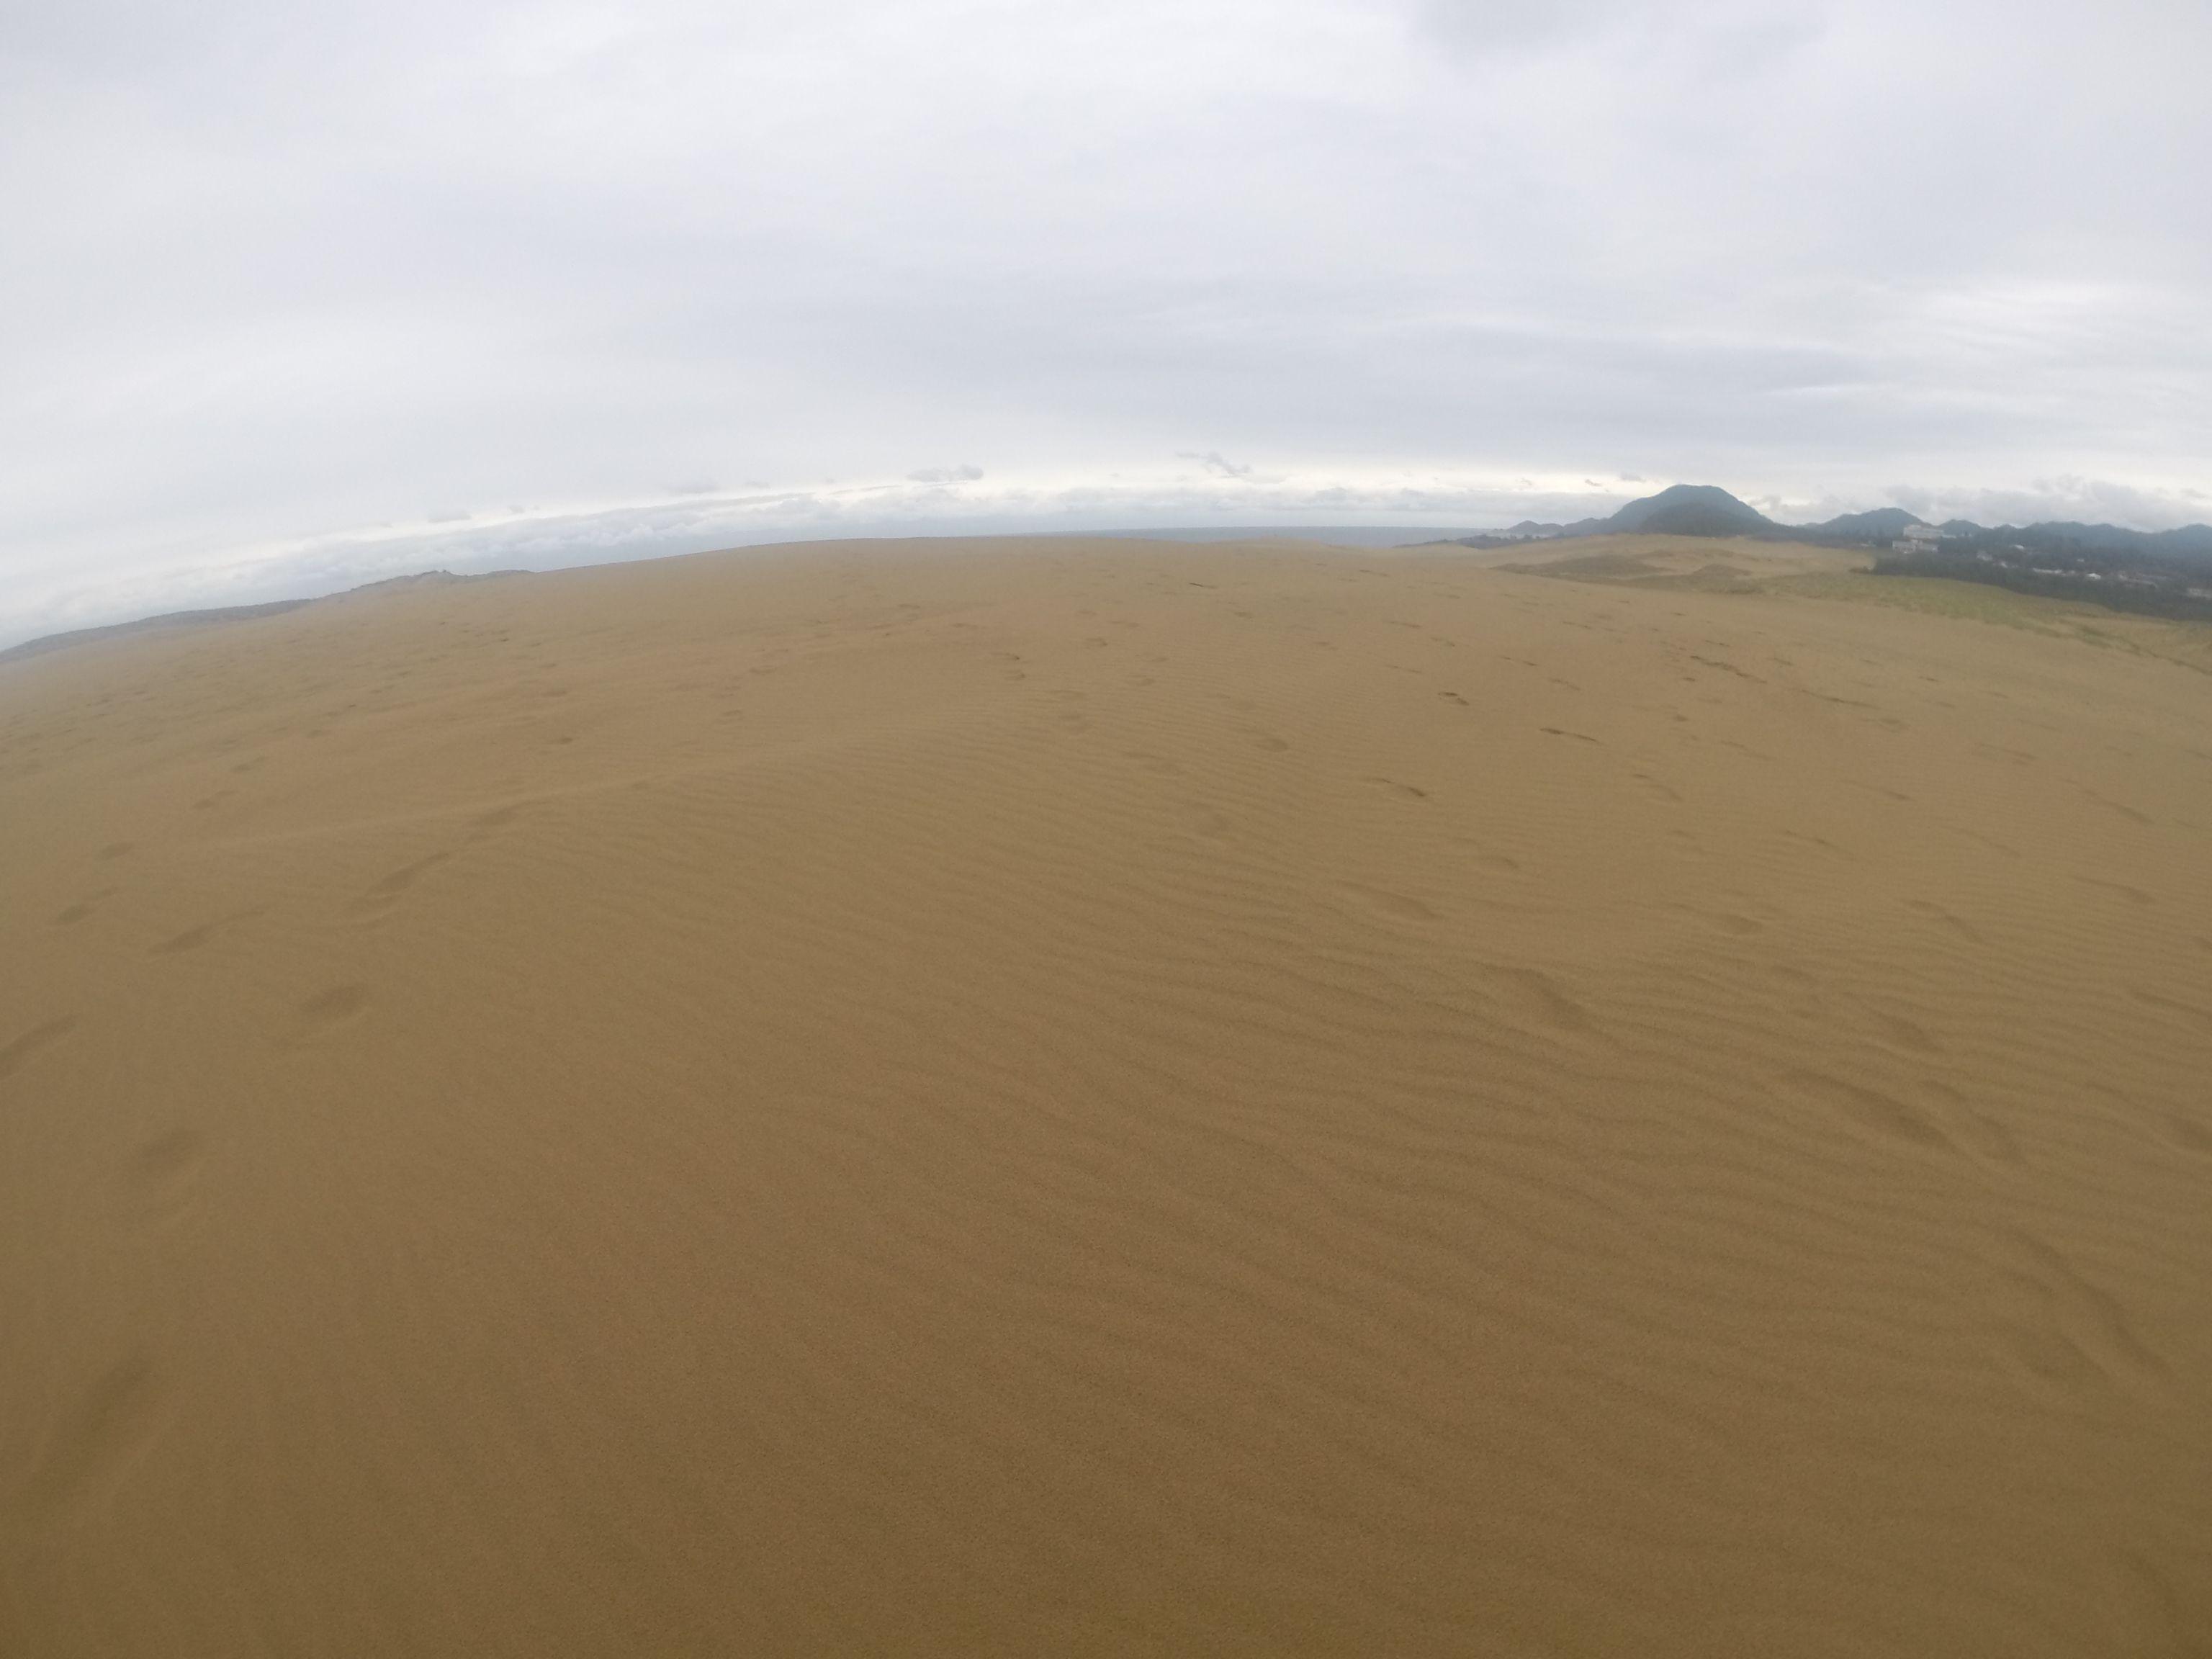 いつしか雨は上がって曇り空の鳥取砂丘